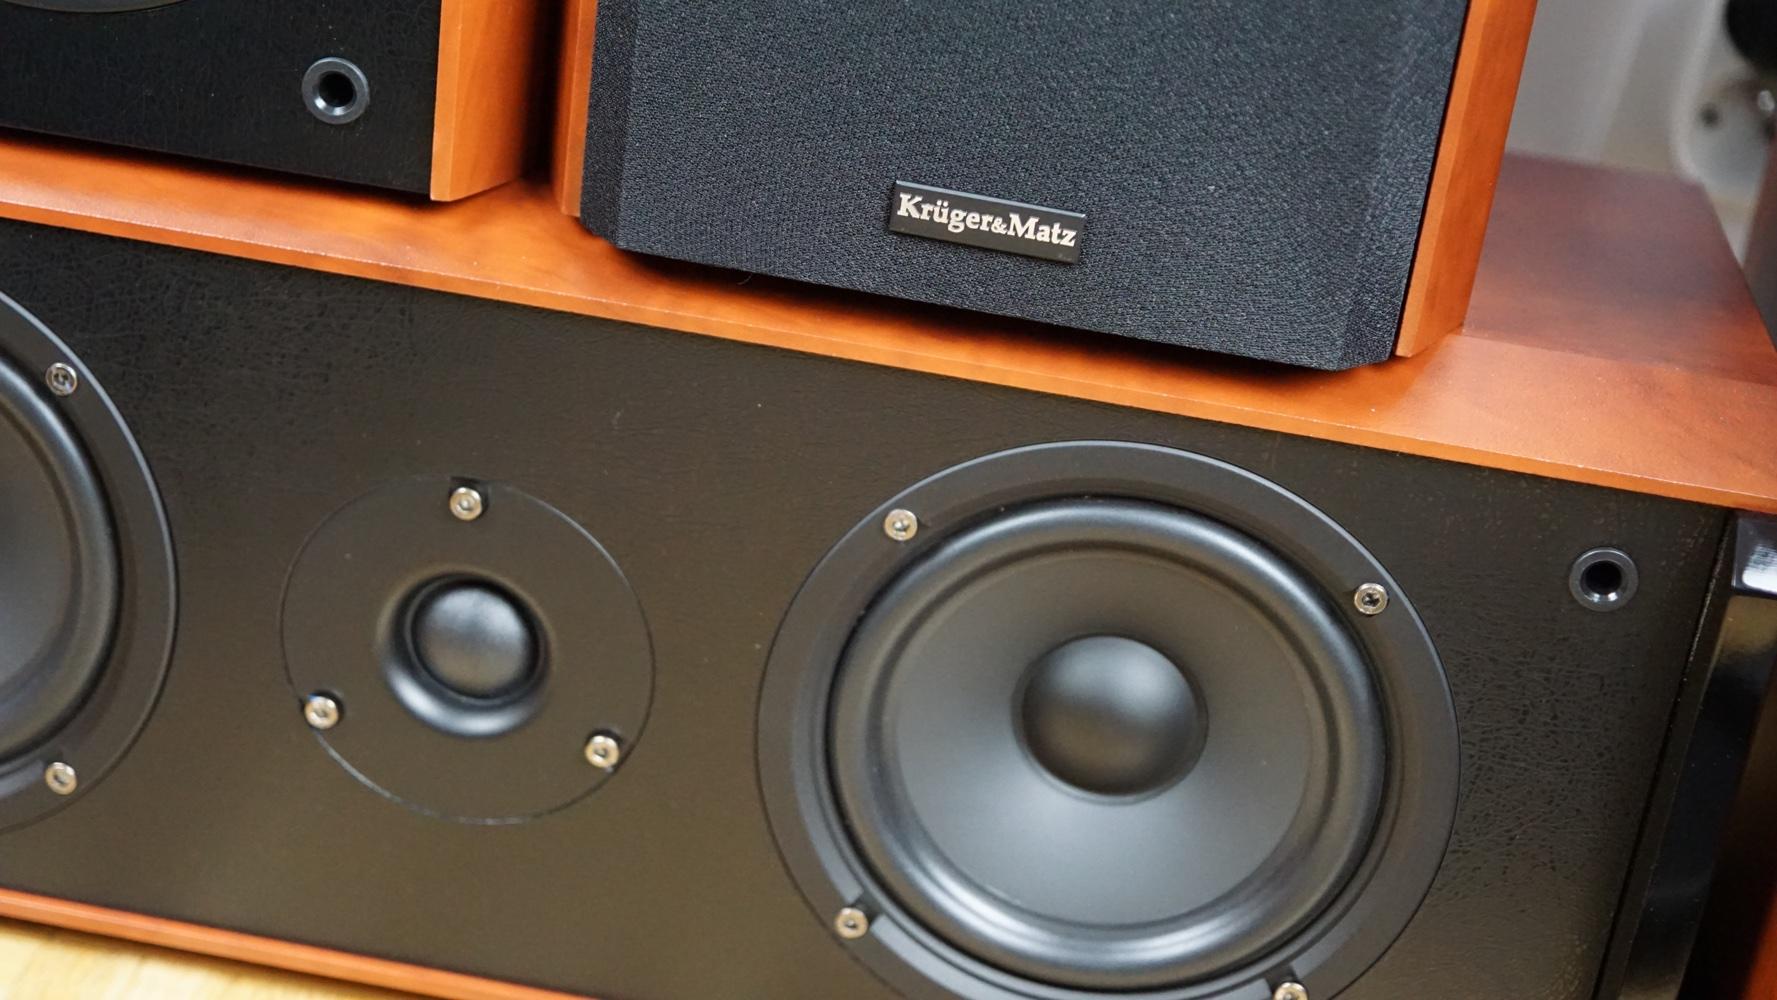 Kolumny głośnikowe Passion 5.0 Kruger&Matz